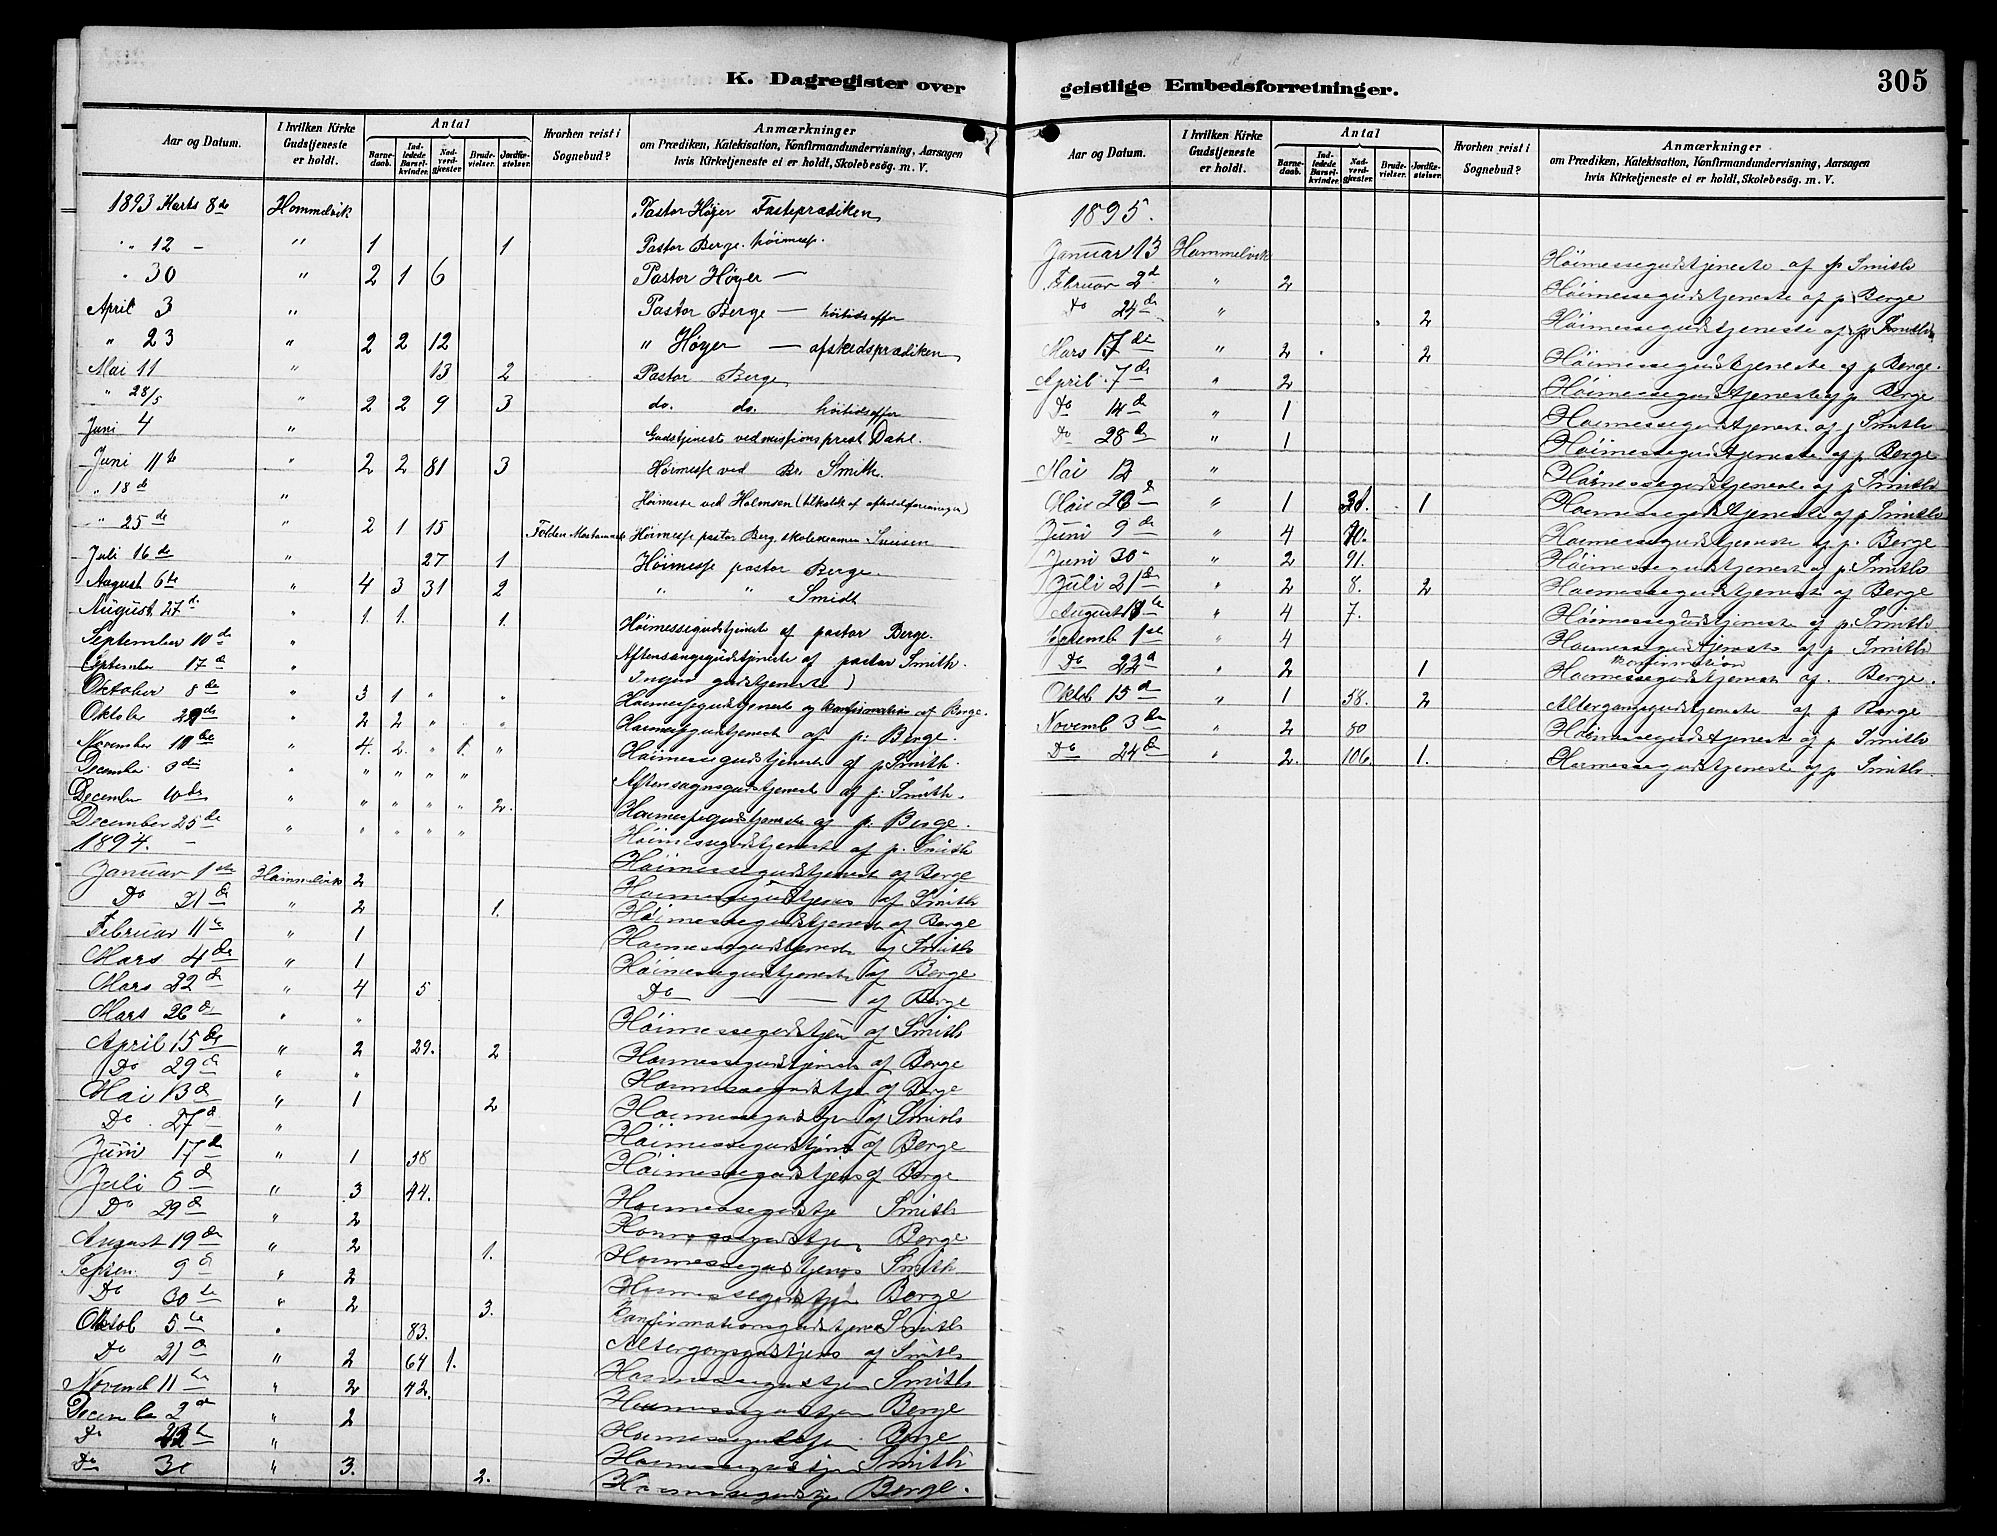 SAT, Ministerialprotokoller, klokkerbøker og fødselsregistre - Sør-Trøndelag, 617/L0431: Klokkerbok nr. 617C01, 1889-1910, s. 305